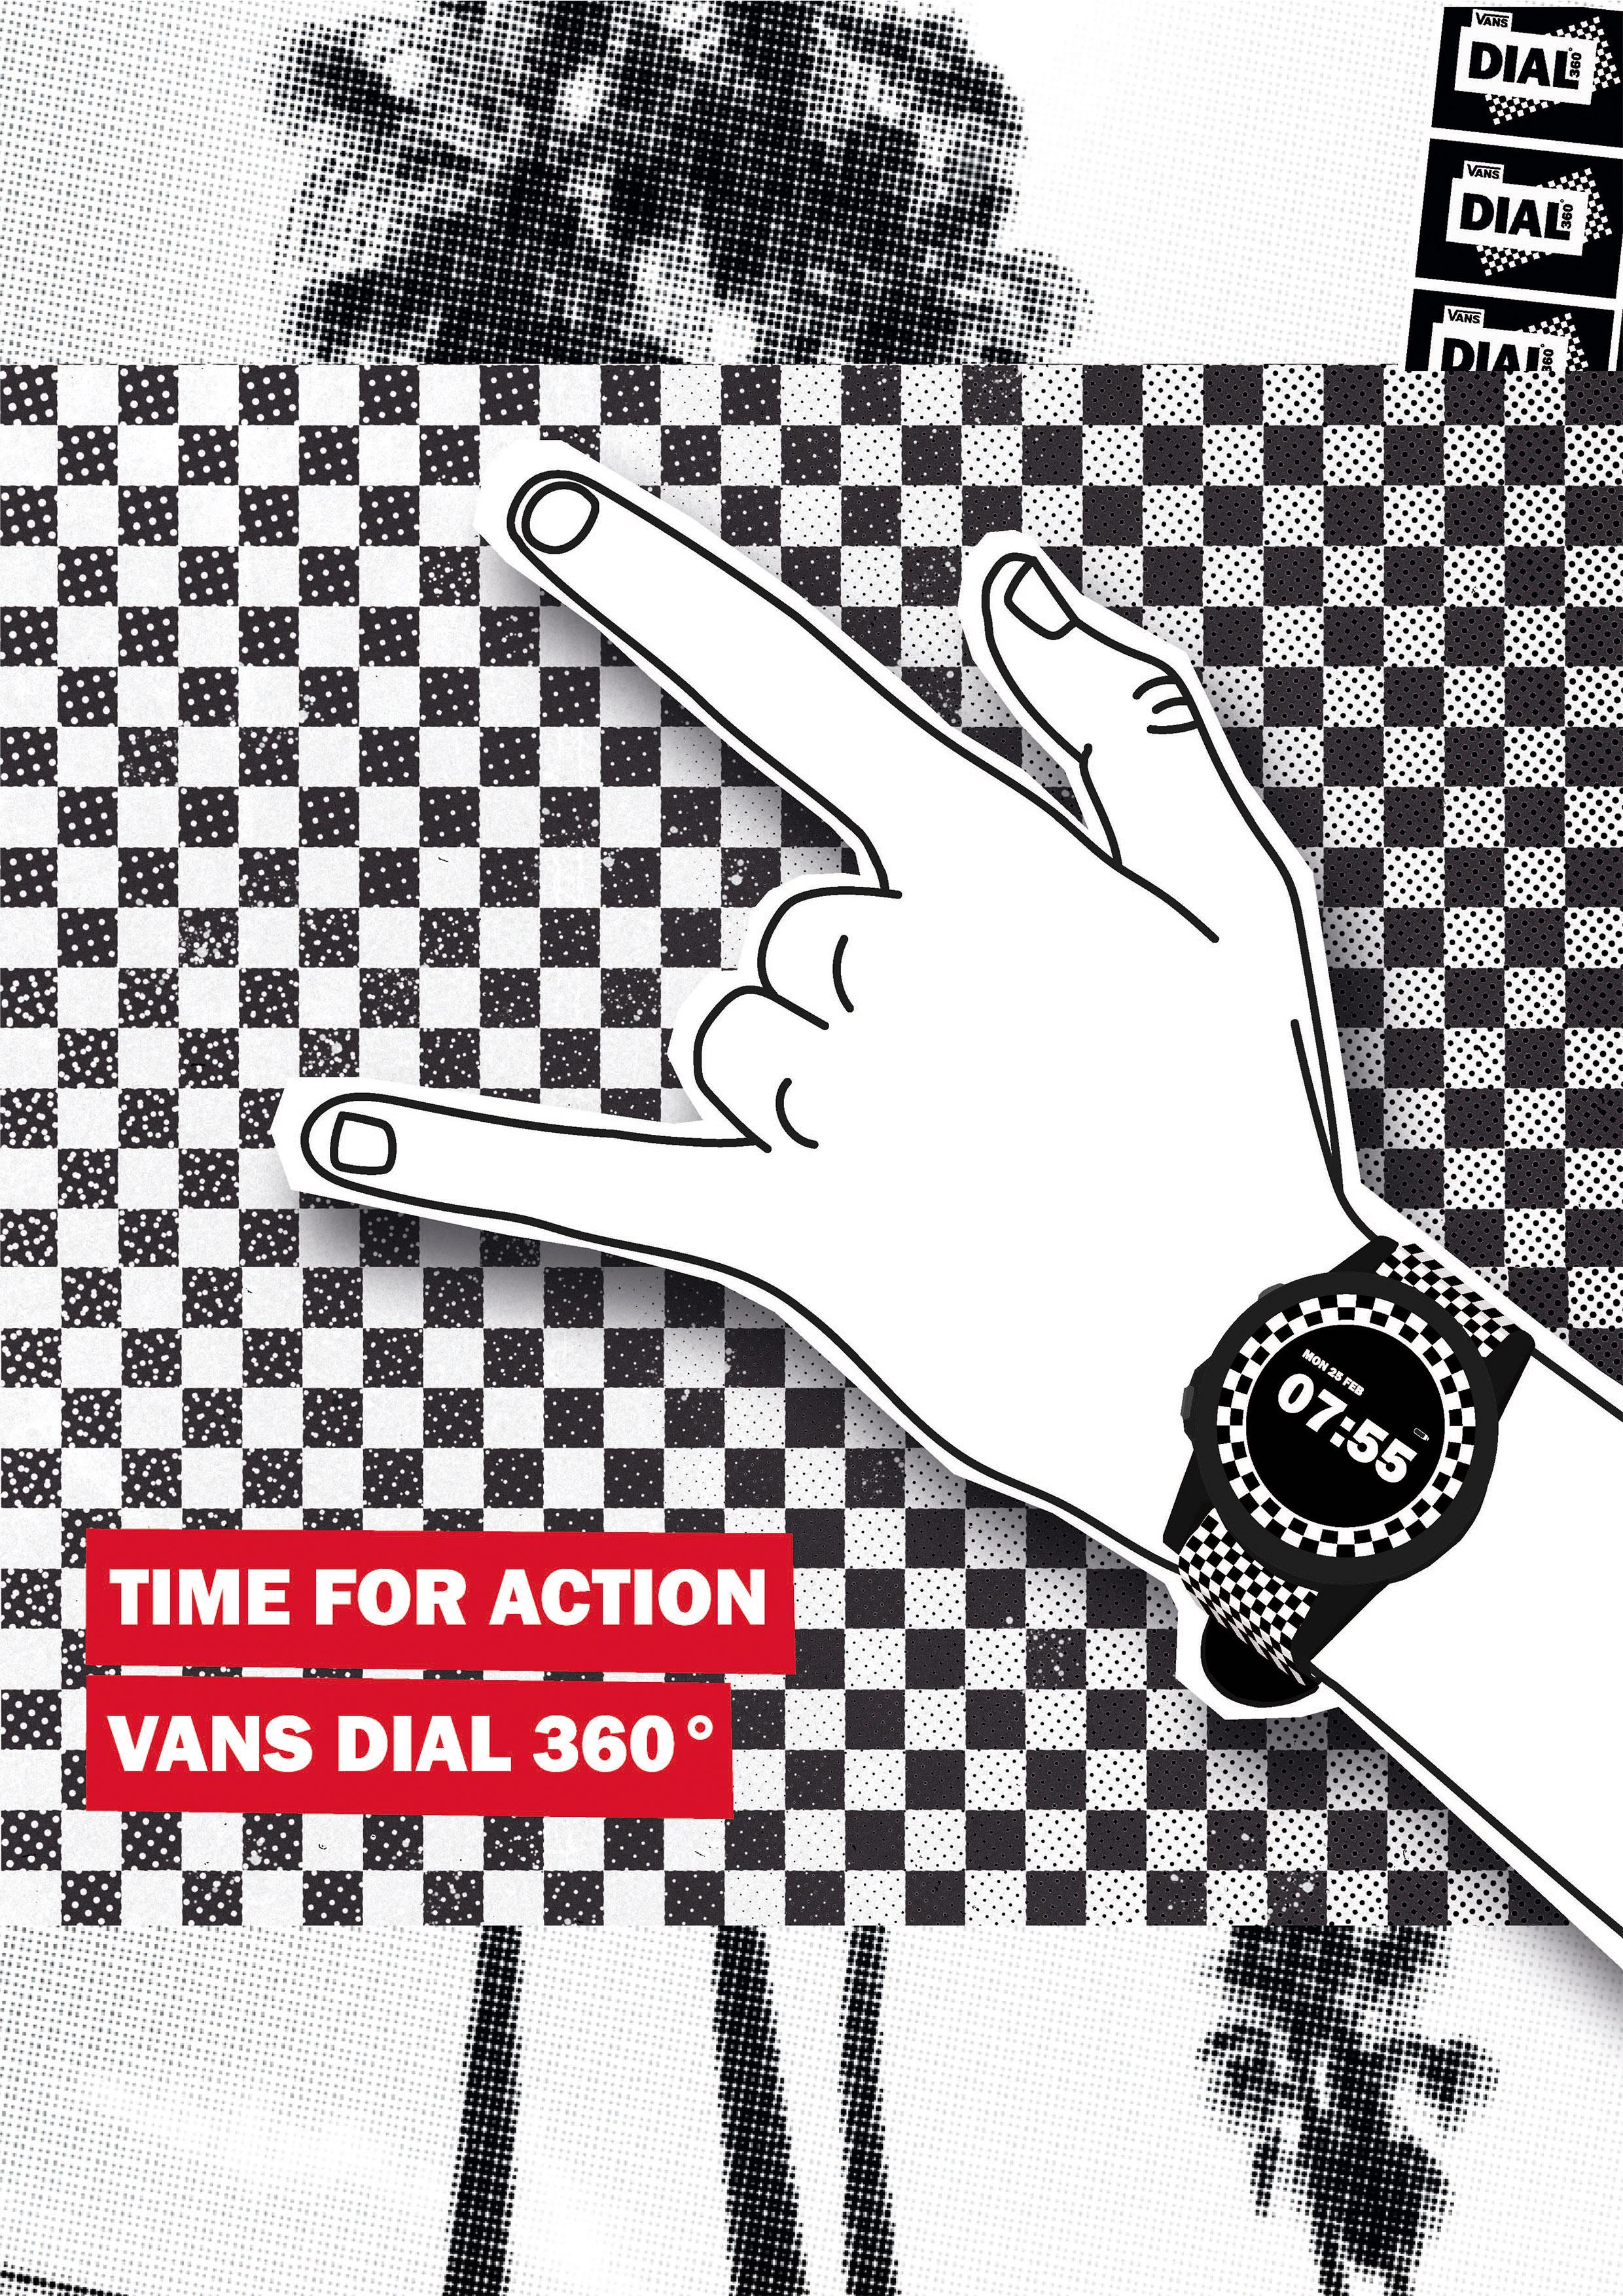 VANS DIAL 360° poster